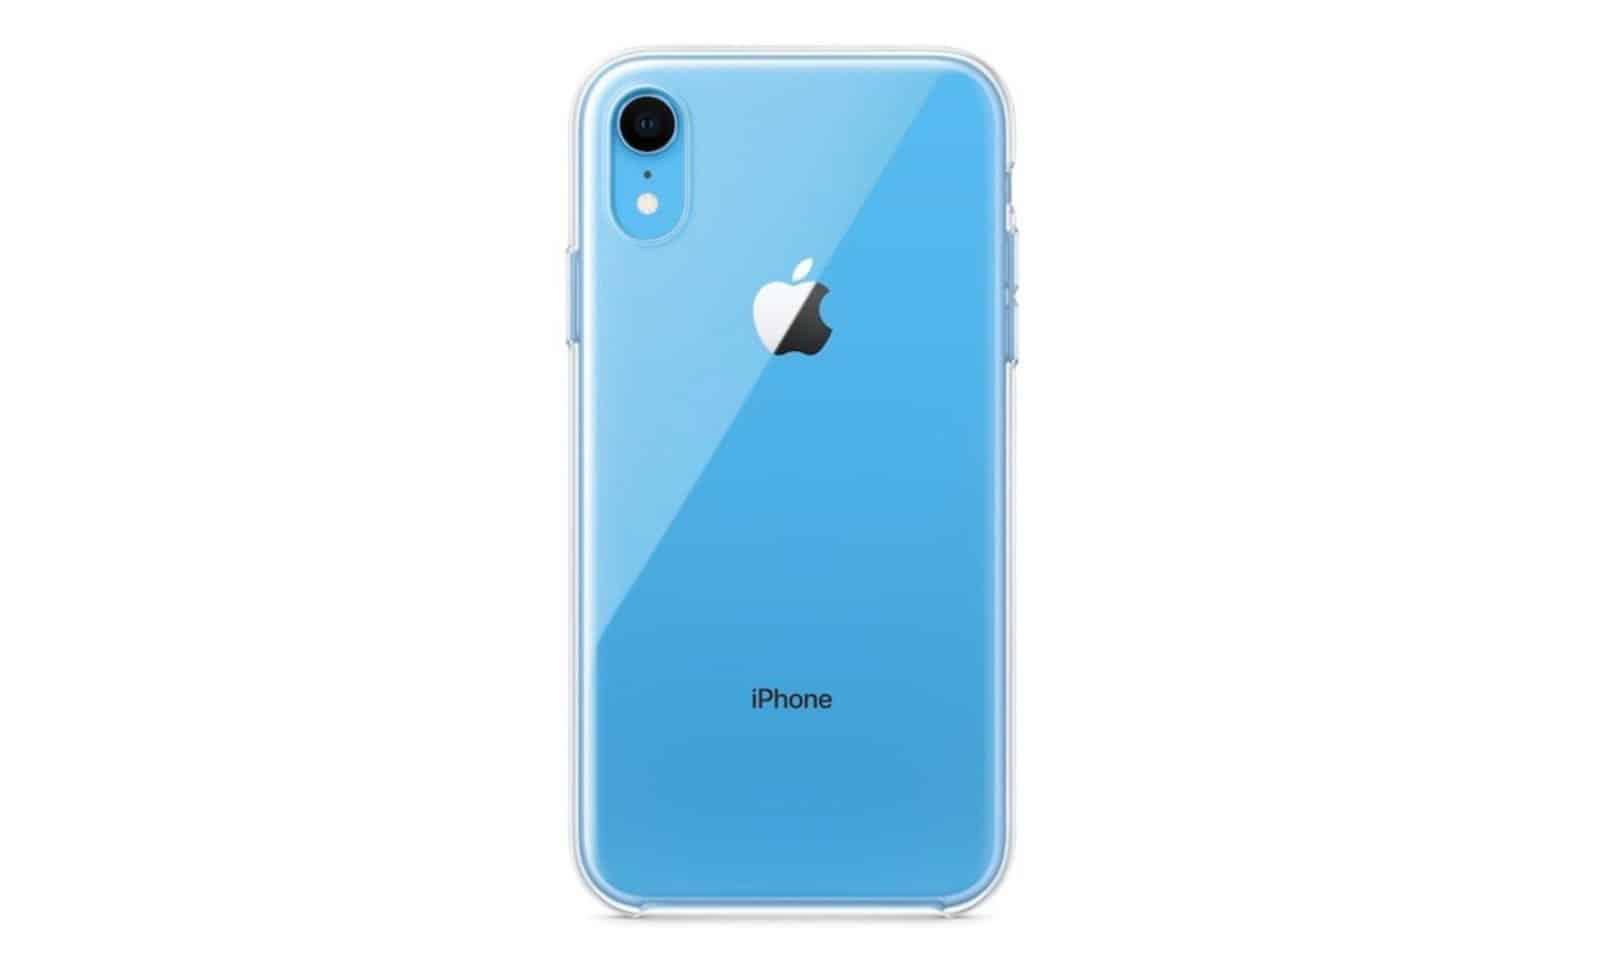 iPhone XR 竟然完全沒有官方保護殼產品 - 香港 unwire.hk